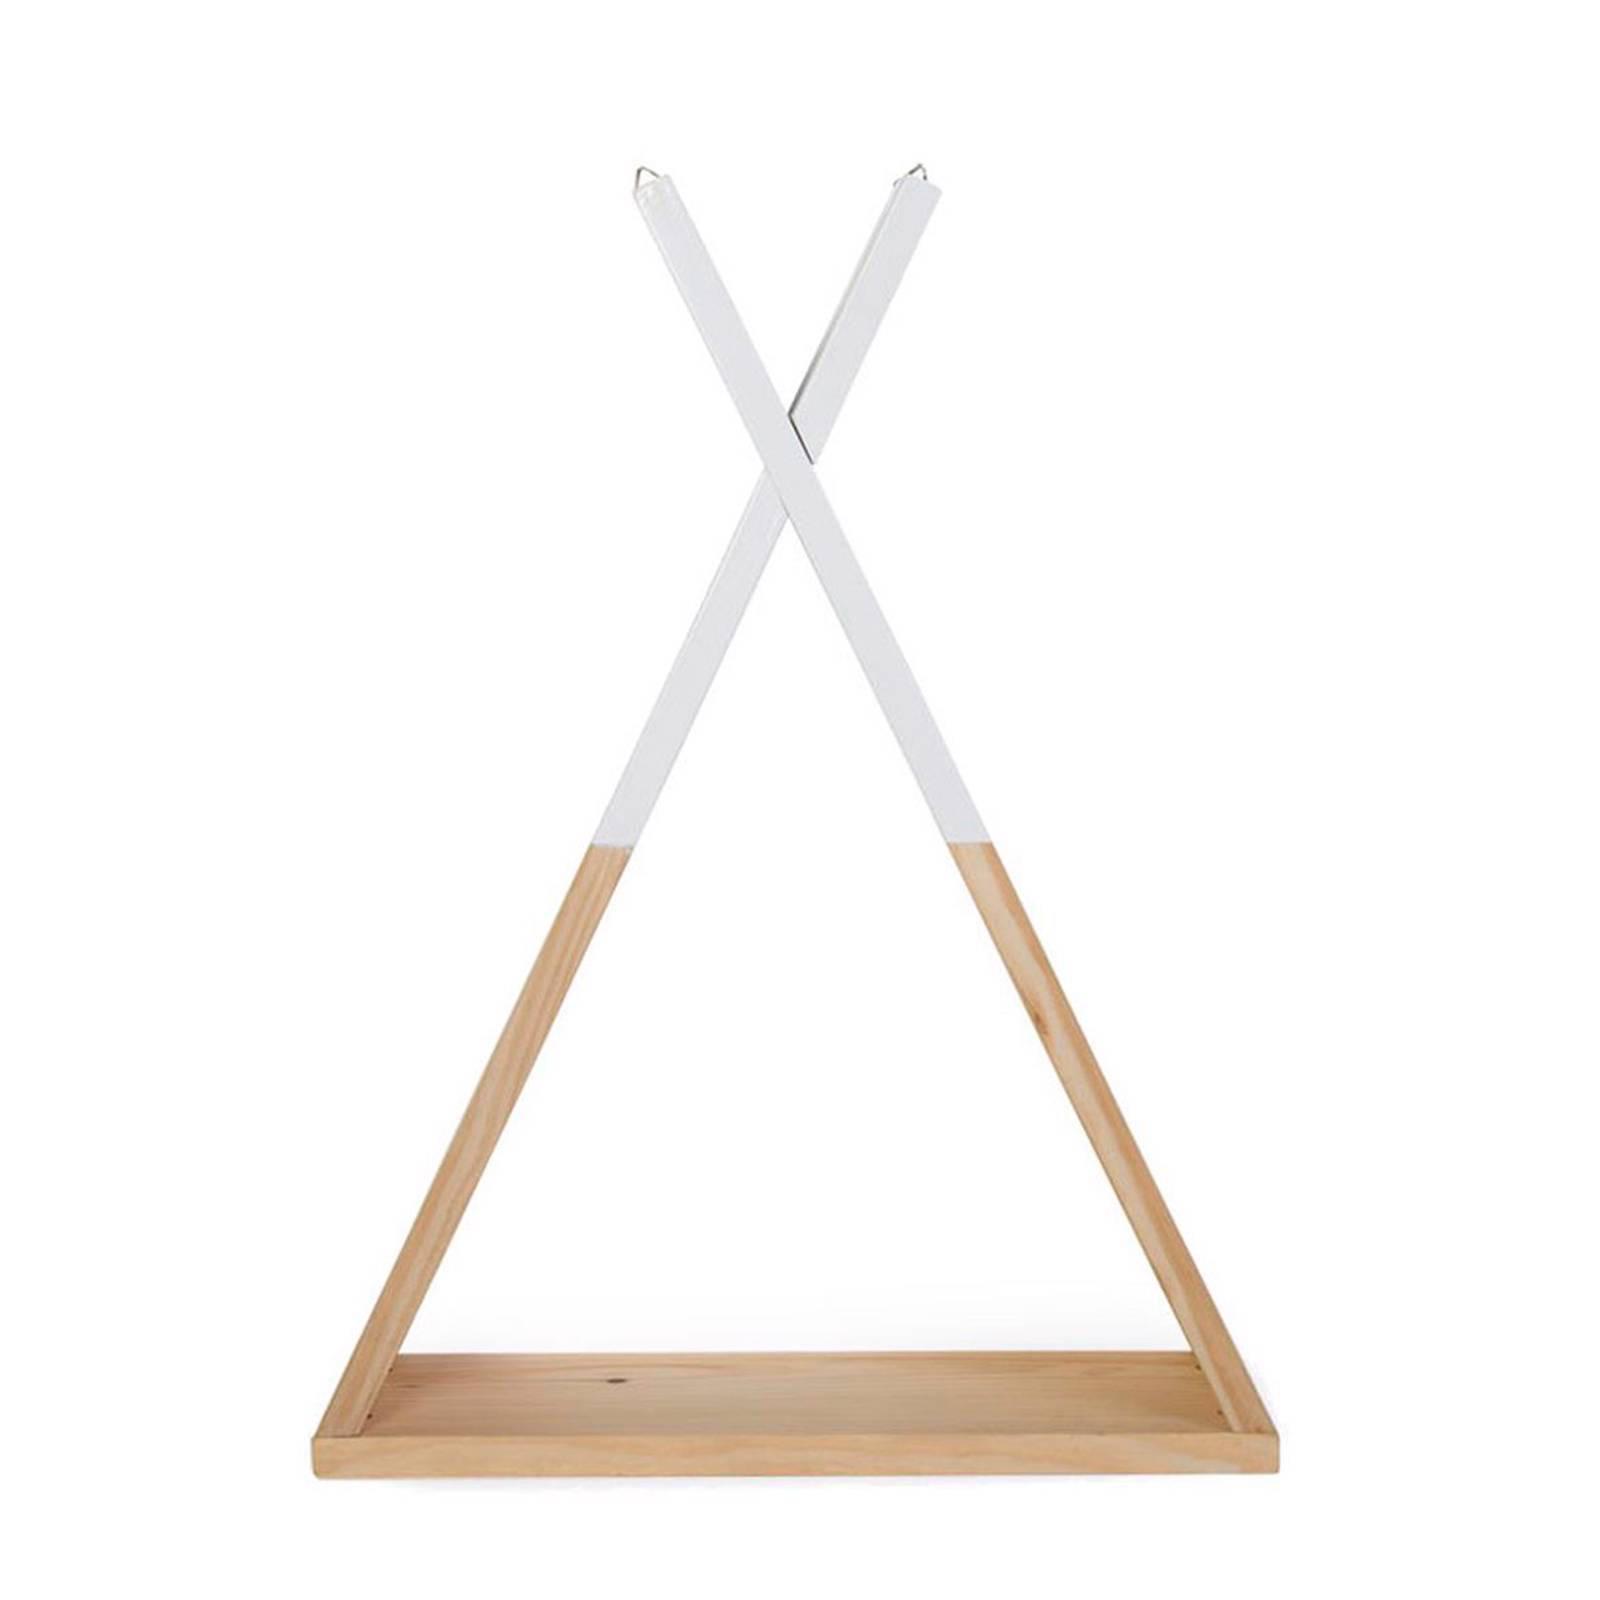 Fotoplank Wit 150 Cm.Fotoplank Wit 2 Meter Ikea Wit Doe Het Zelf If Twinkels